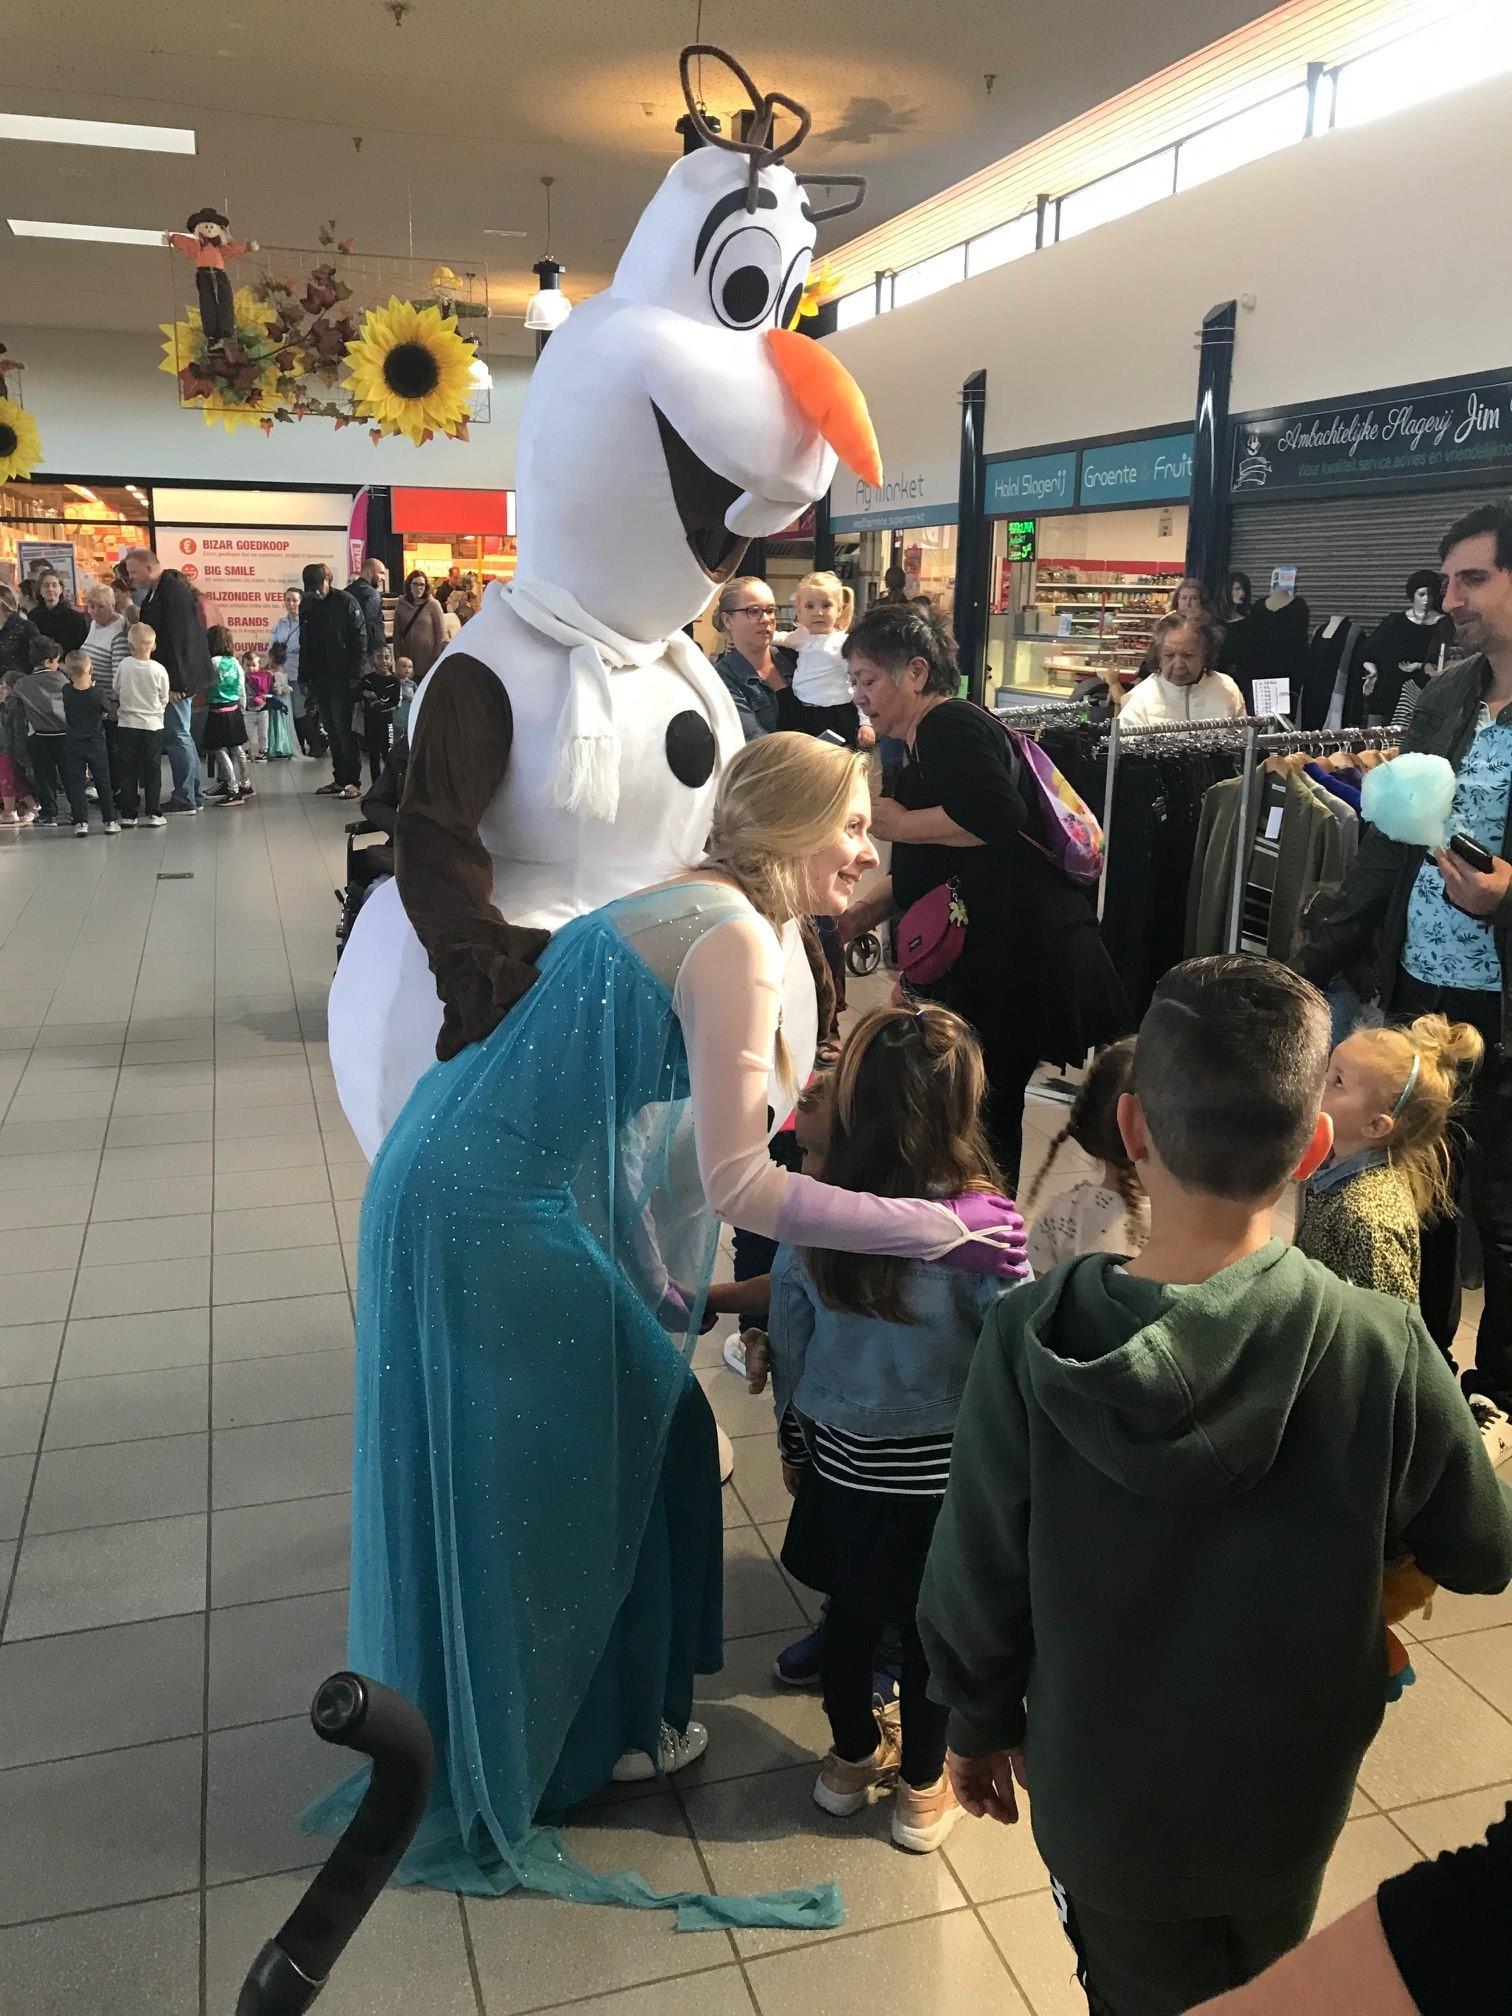 De hoofdrolspelers uit Frozen zijn 6 oktober te zien in Makado. rodi.nl © rodi